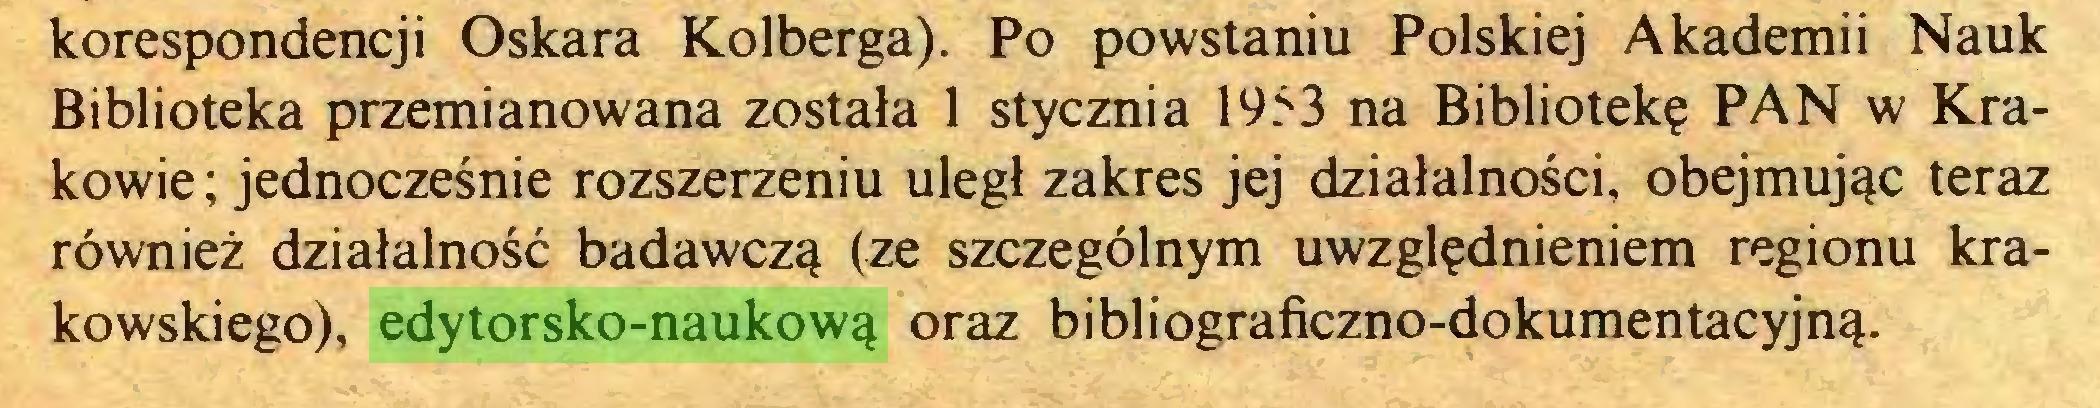 (...) korespondencji Oskara Kolberga). Po powstaniu Polskiej Akademii Nauk Biblioteka przemianowana została 1 stycznia 1953 na Bibliotekę PAN w Krakowie ; jednocześnie rozszerzeniu uległ zakres jej działalności, obejmując teraz również działalność badawczą (ze szczególnym uwzględnieniem regionu krakowskiego), edytorsko-naukową oraz bibliograficzno-dokumentacyjną...